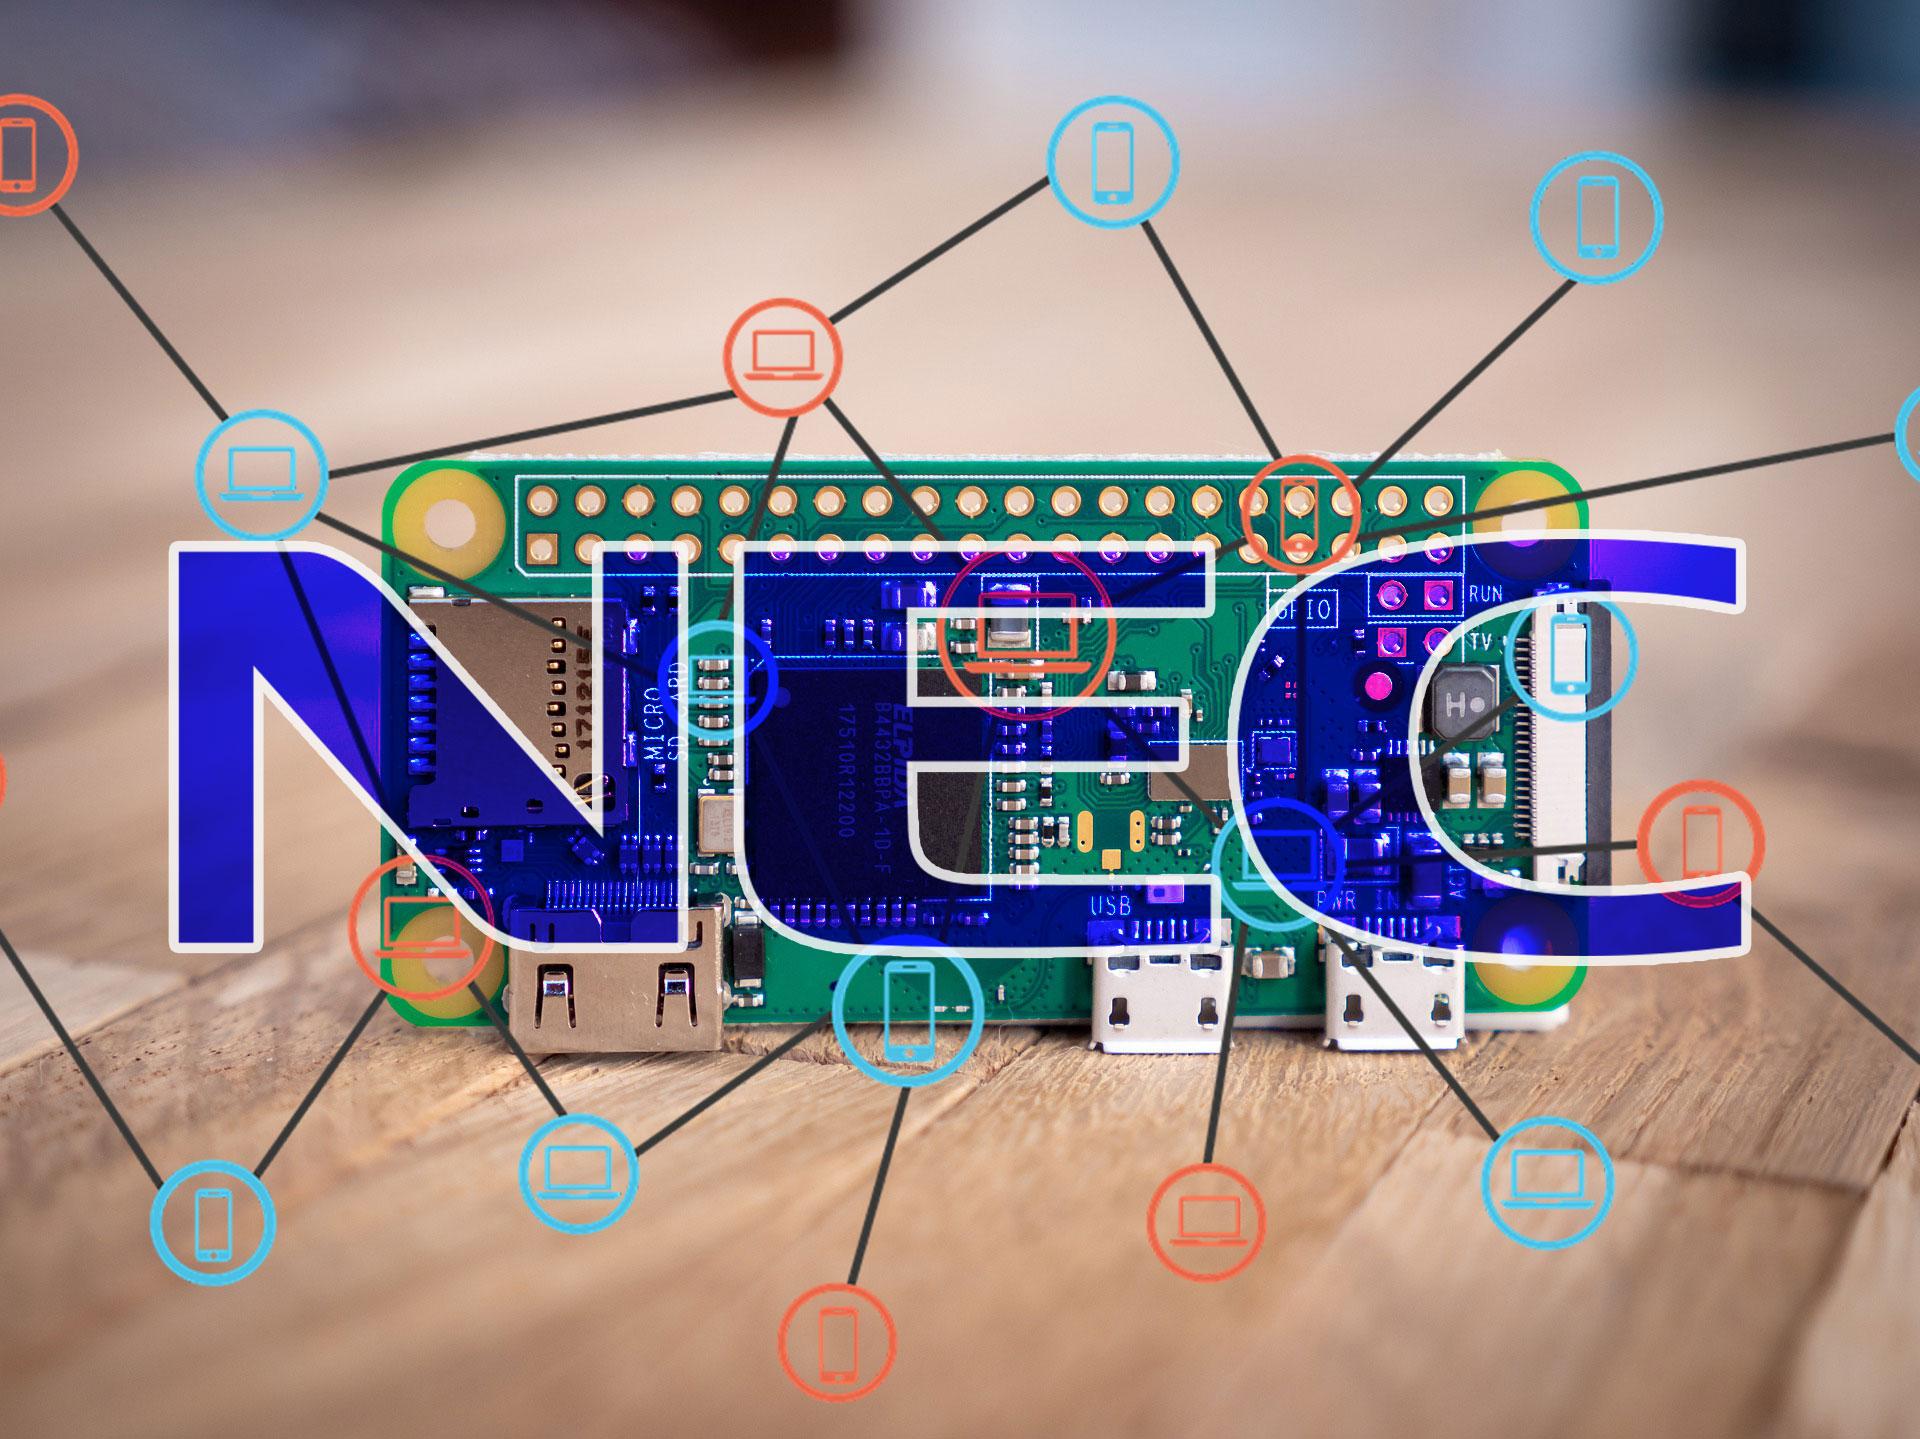 NEC、新開発した通信量削減装置「NEC AIアクセラレーター」にブロックチェーン技術を導入